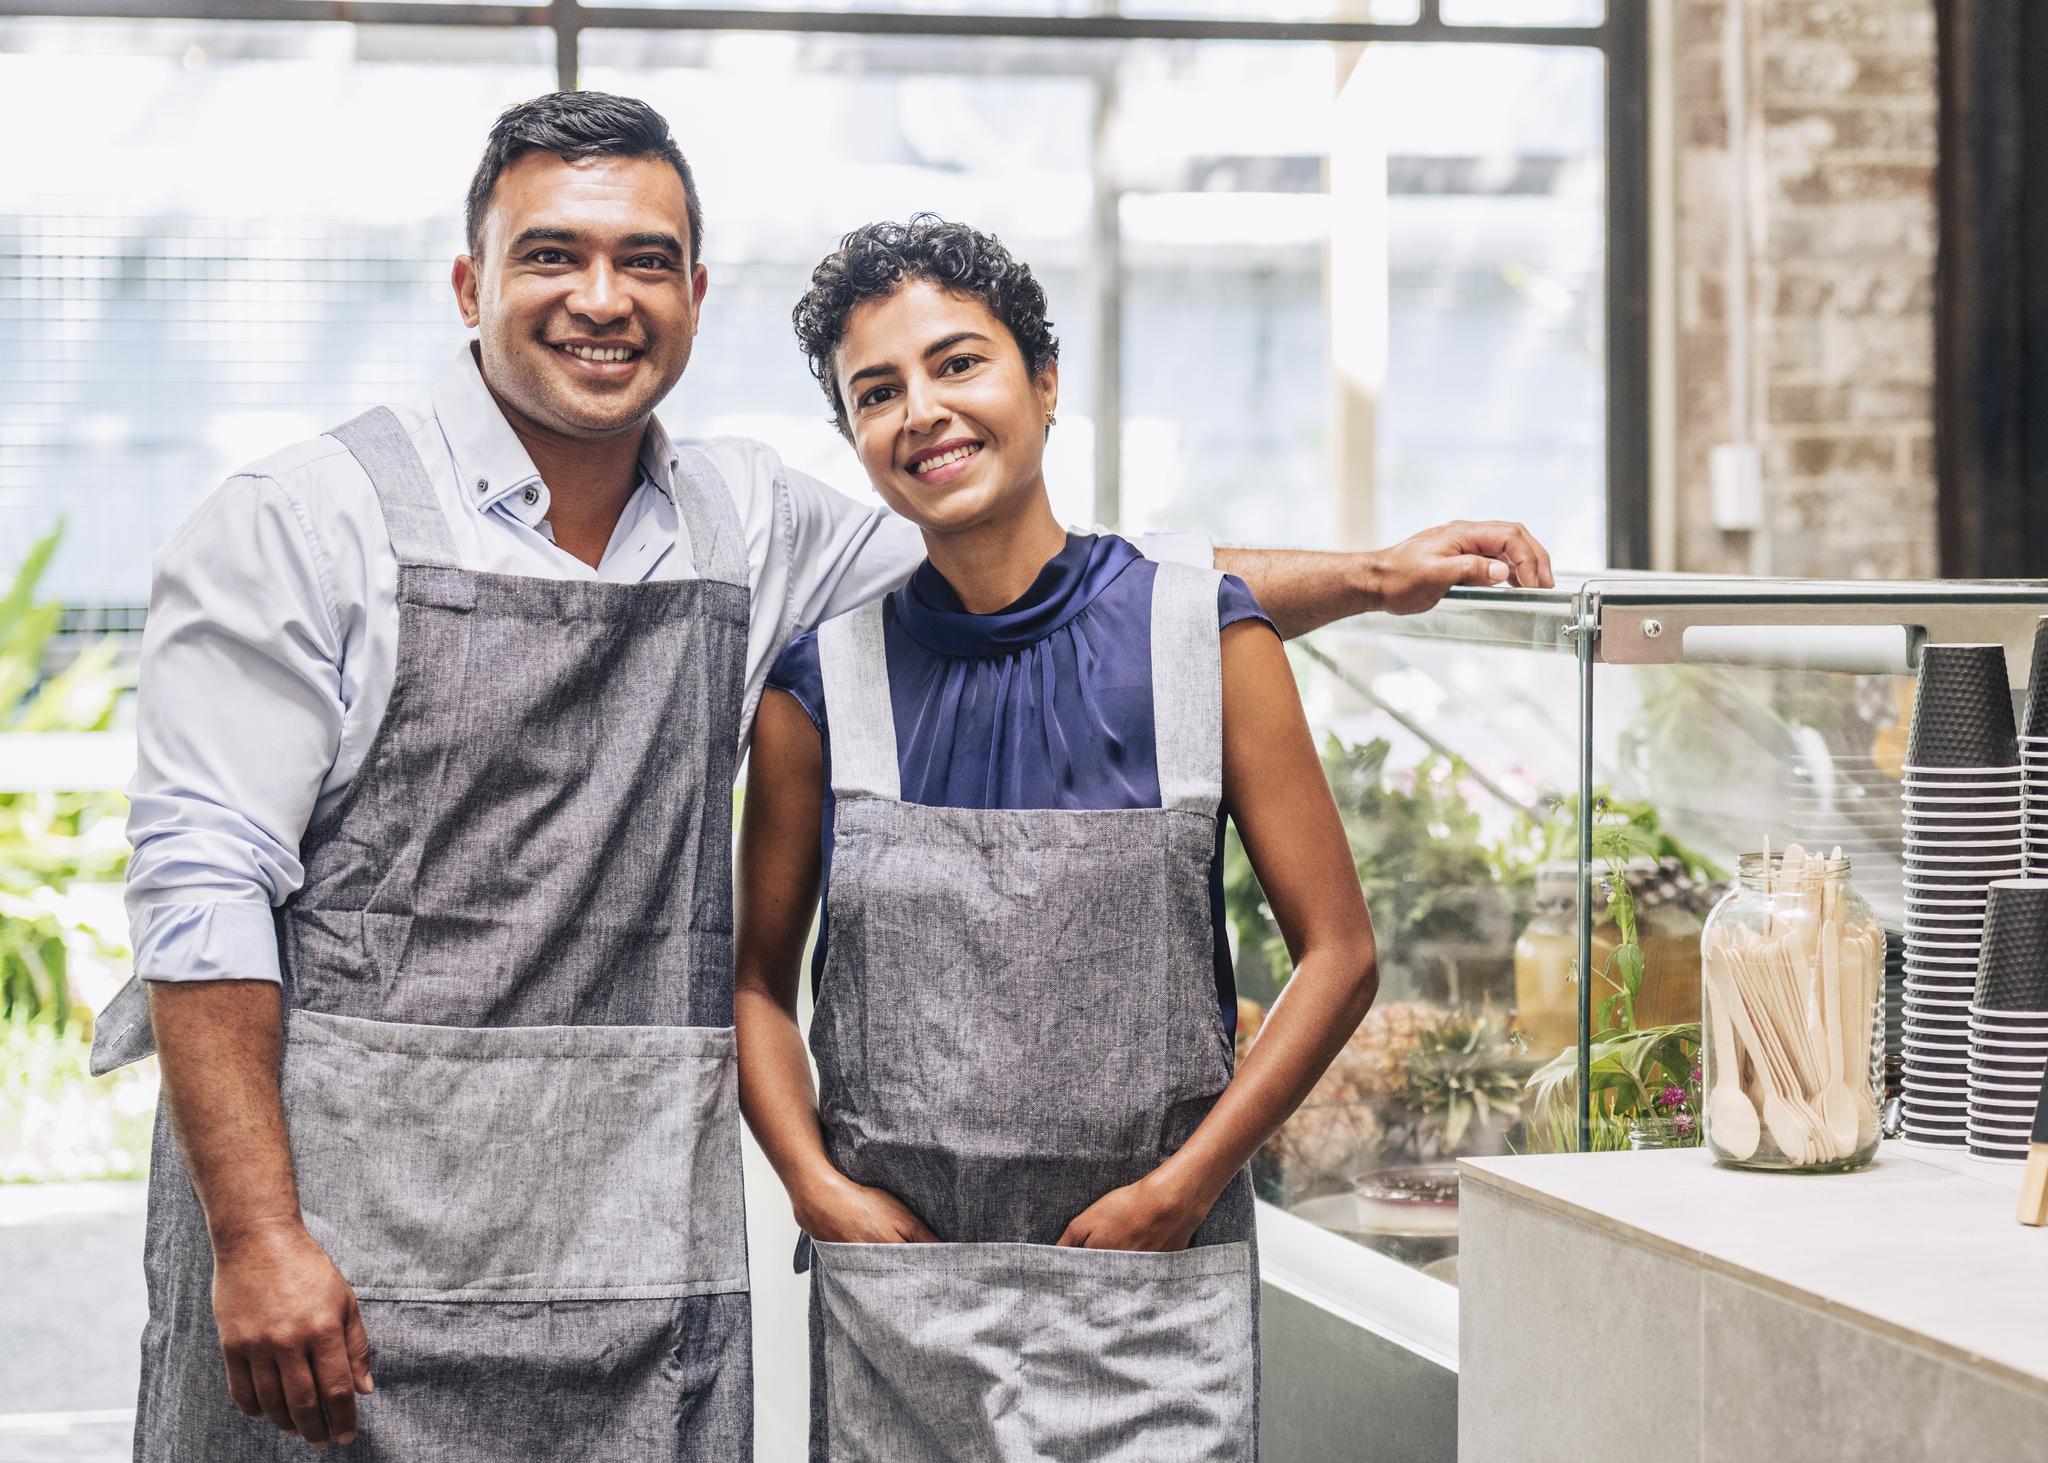 Middle-aged entreprenur couple